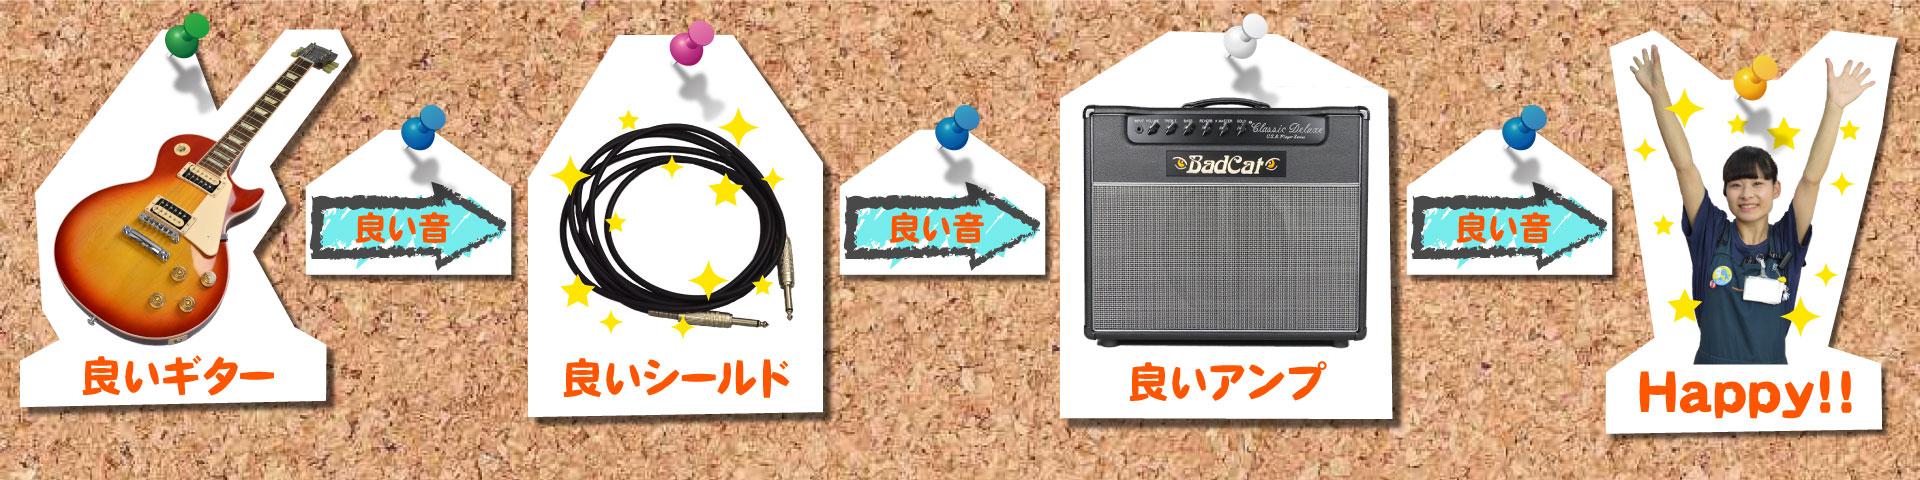 良いシールド→Happy